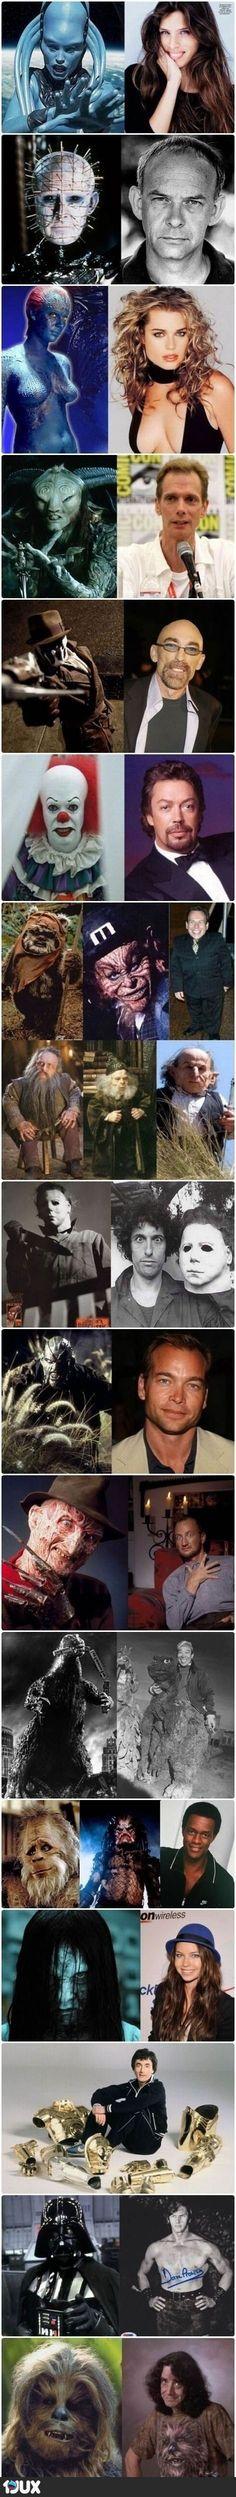 Realität der Filmfiguren